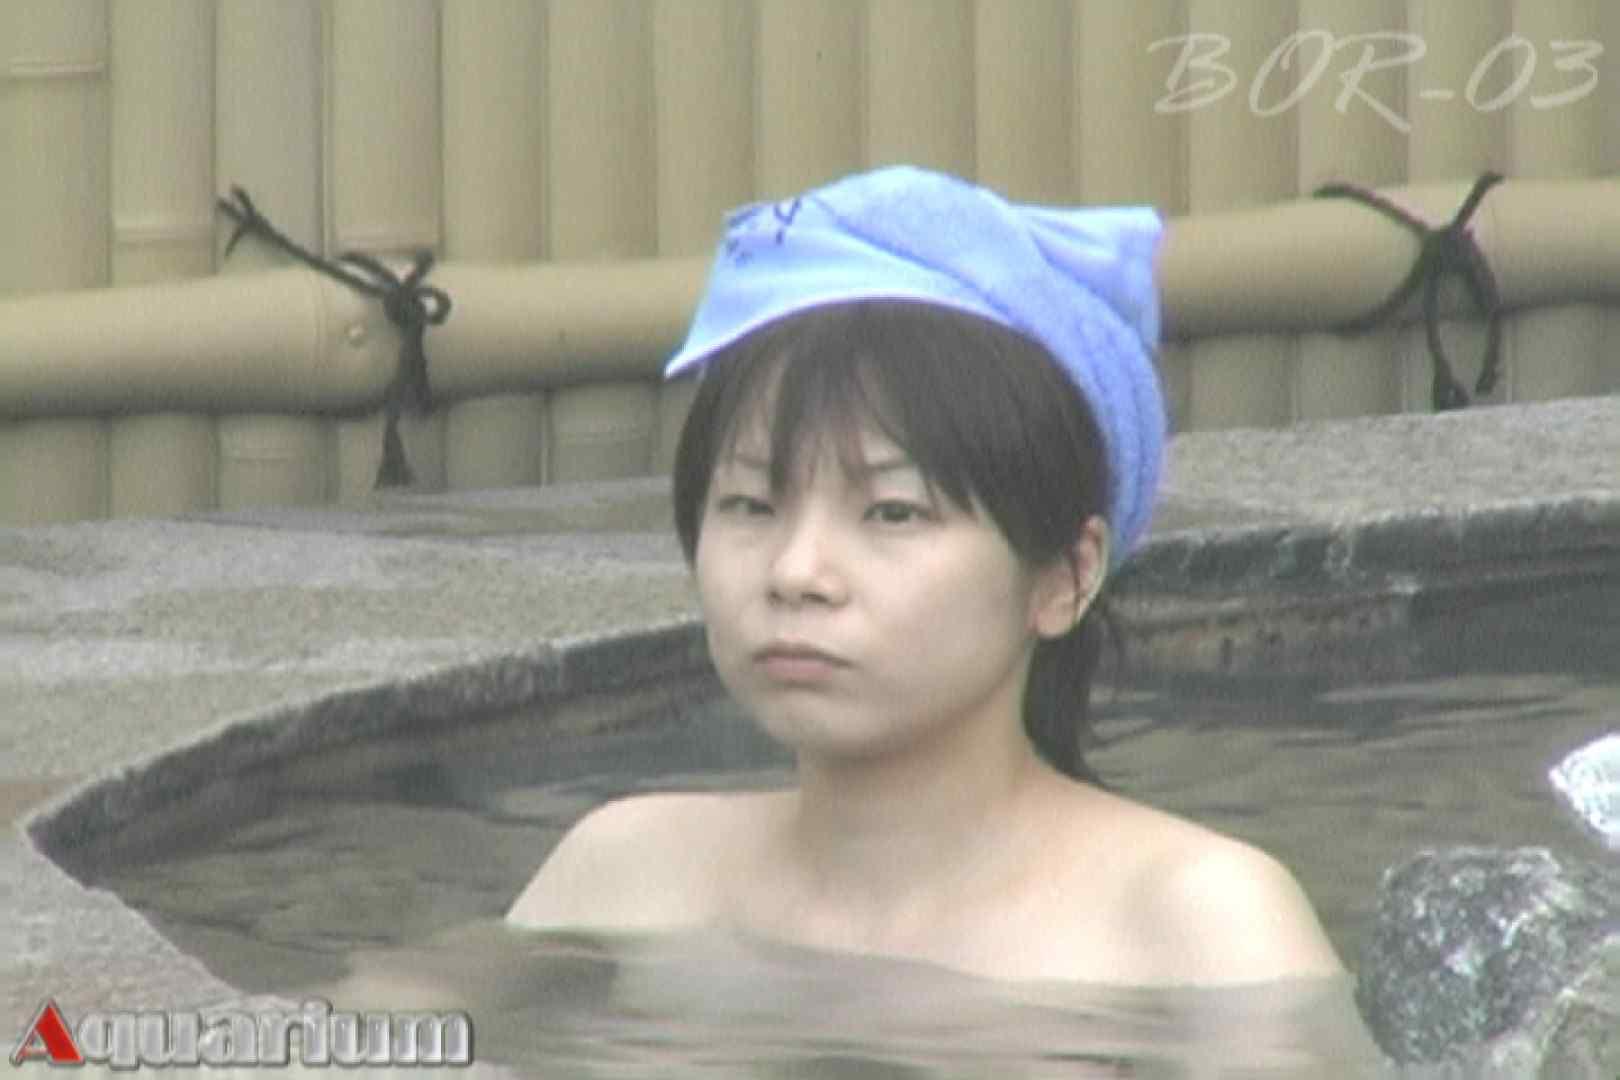 Aquaな露天風呂Vol.489 OL女体 隠し撮りオマンコ動画紹介 84連発 44